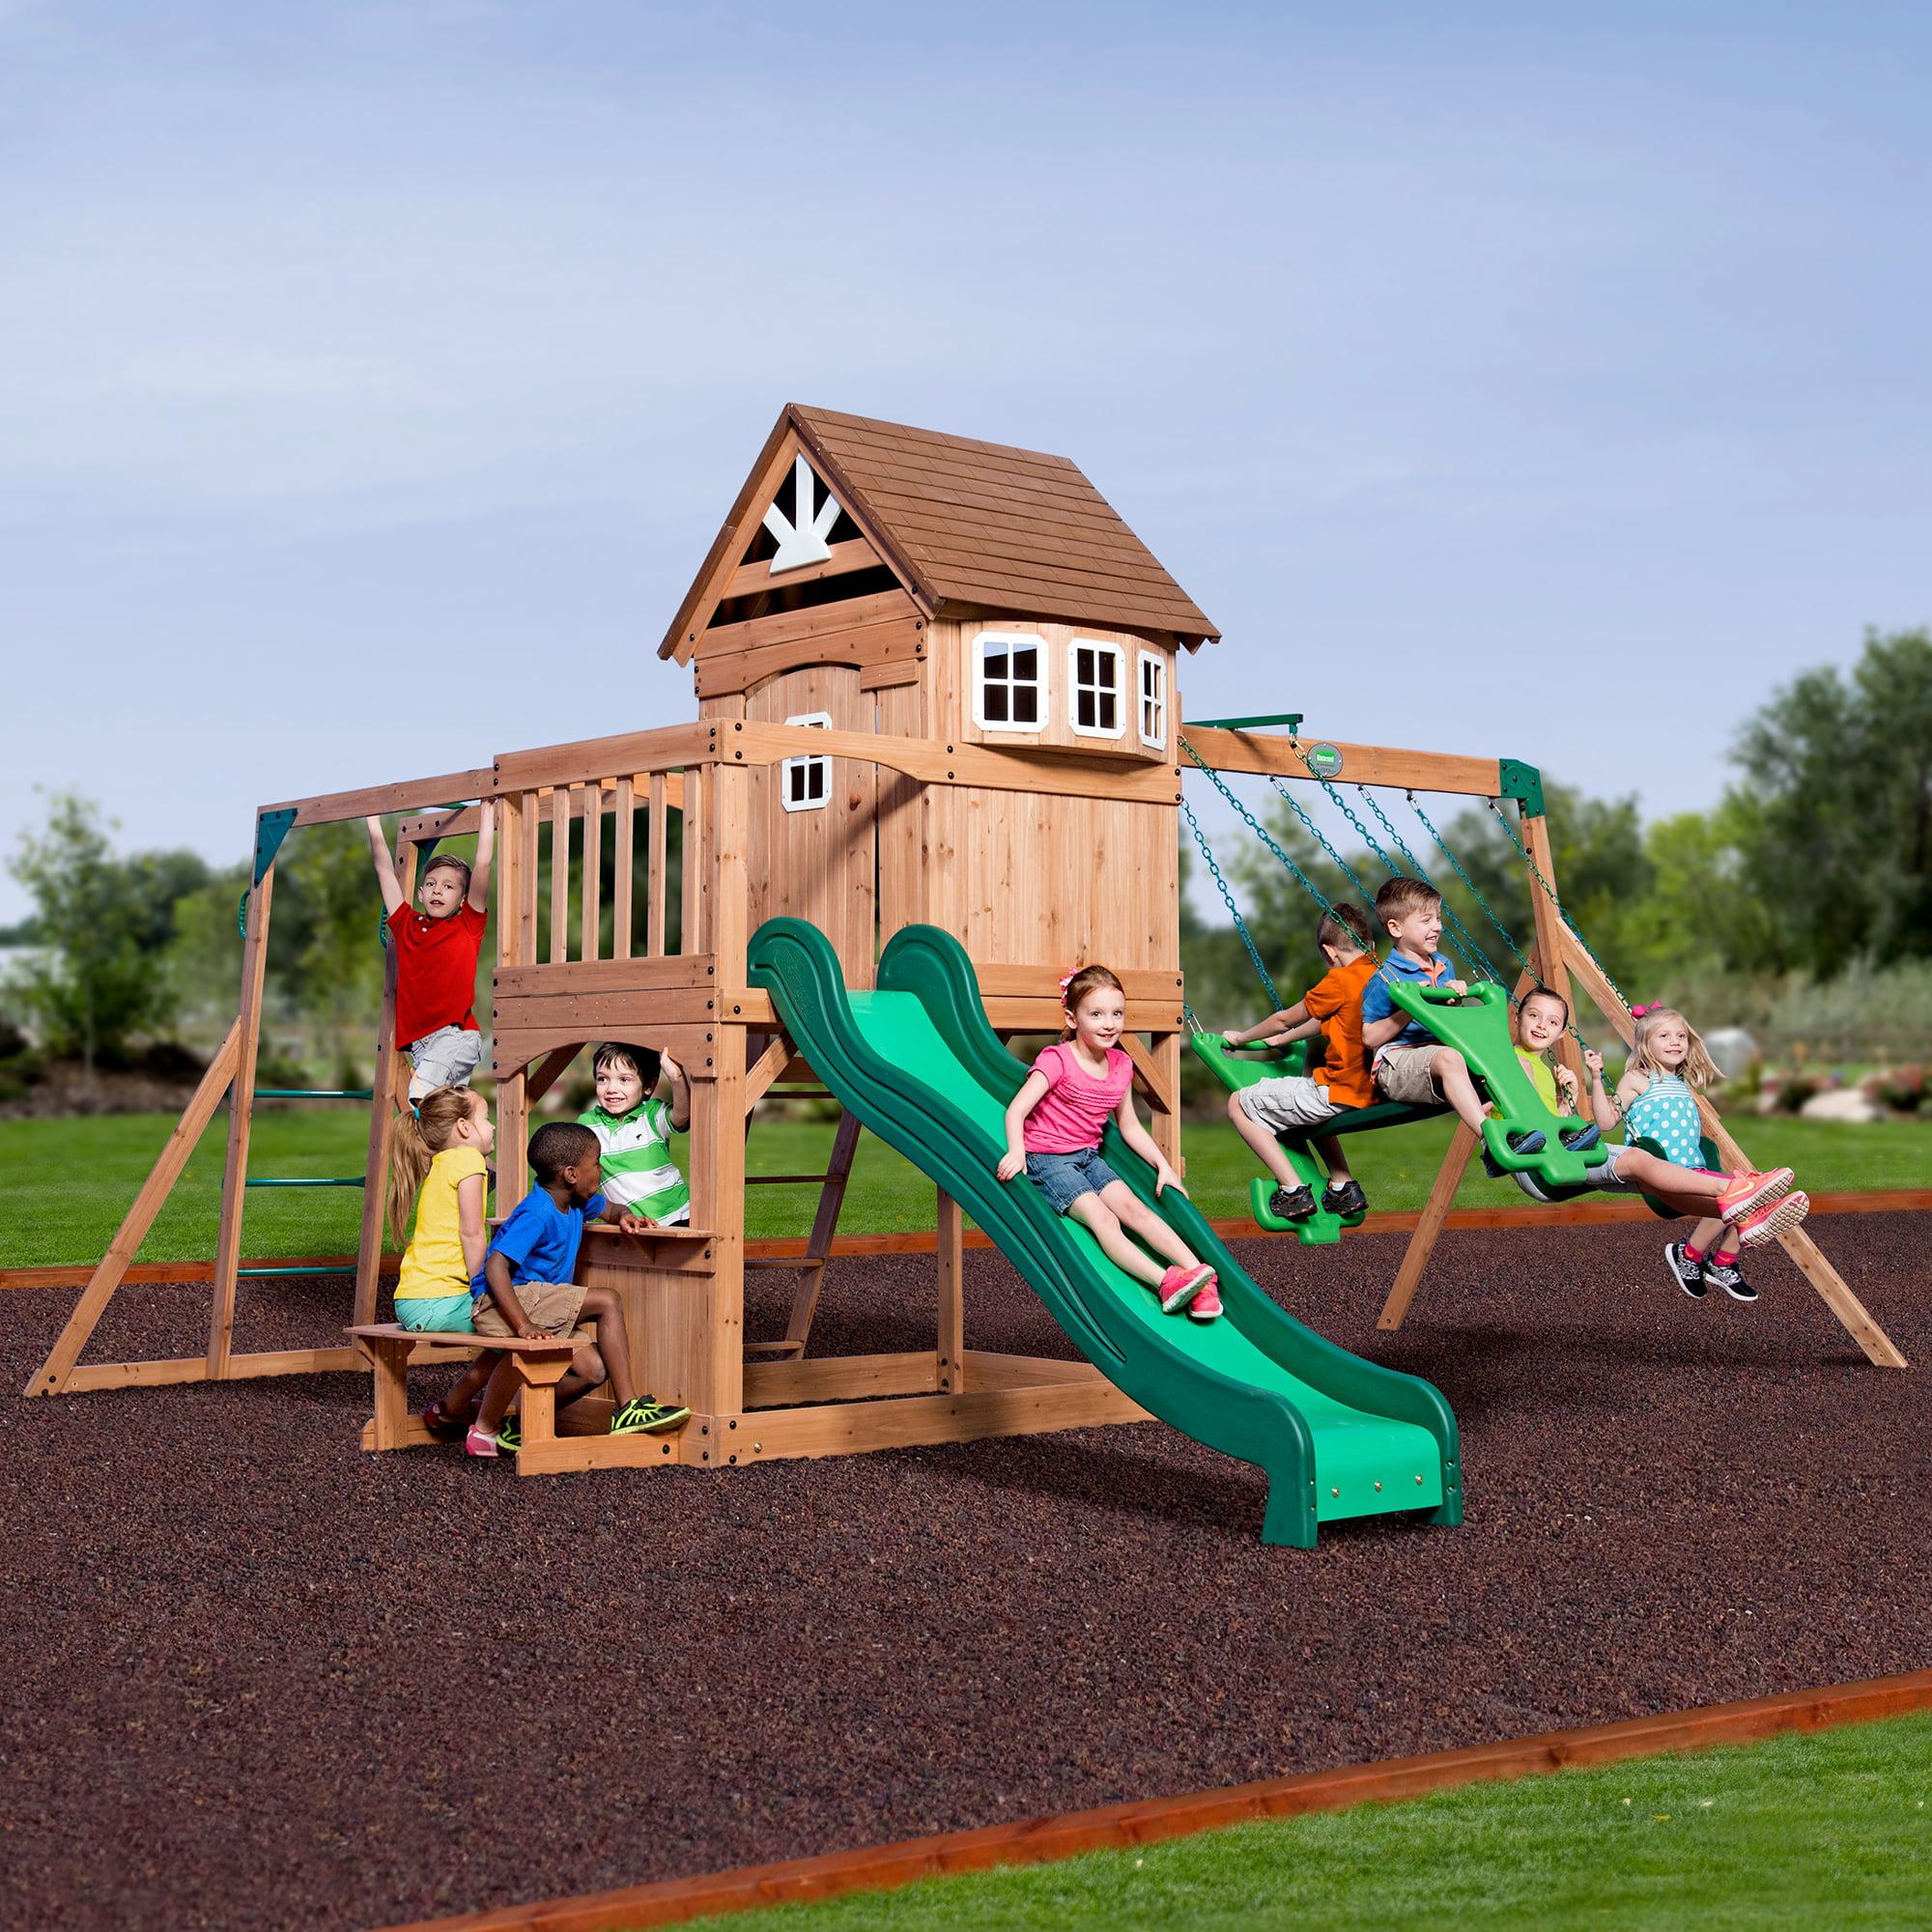 Backyard Discovery Monticello Cedar Swing Set backyard discovery montpelier cedar wooden swing set - walmart